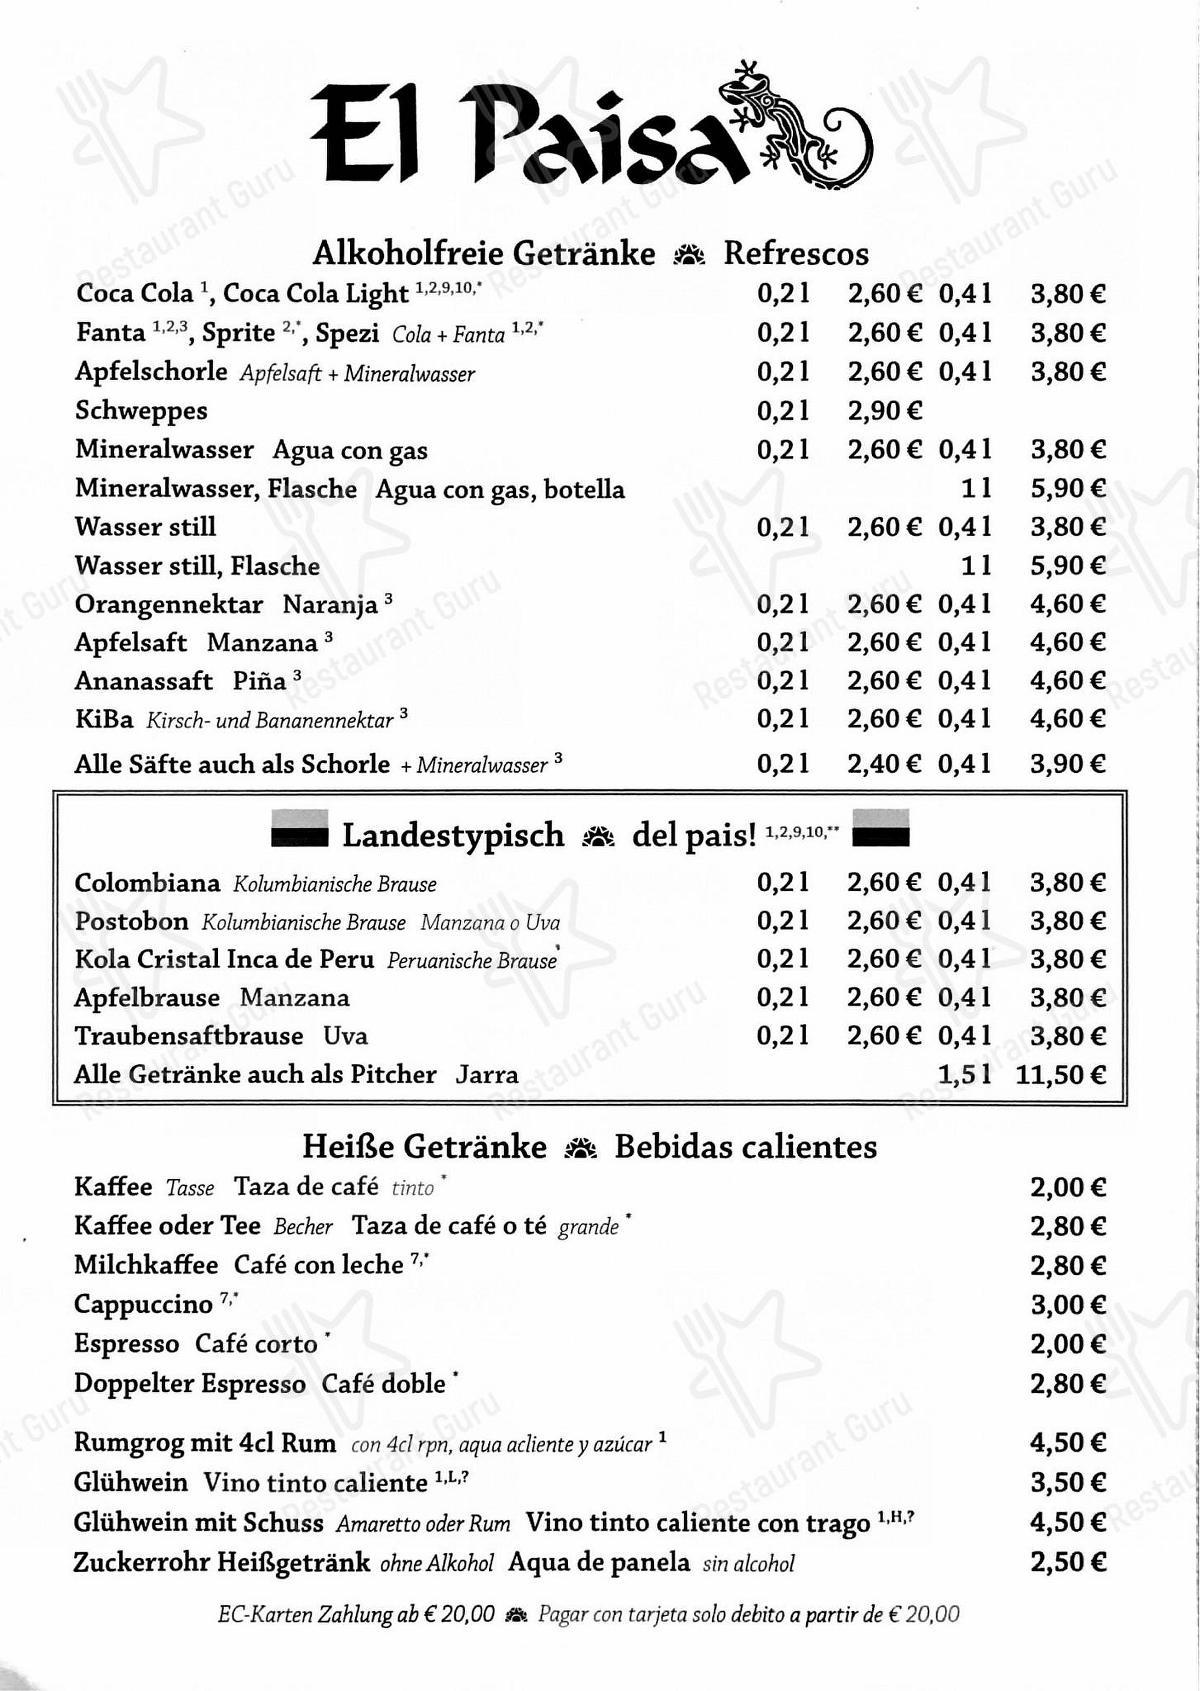 El Paisa Speisekarte - Essen und Getränke